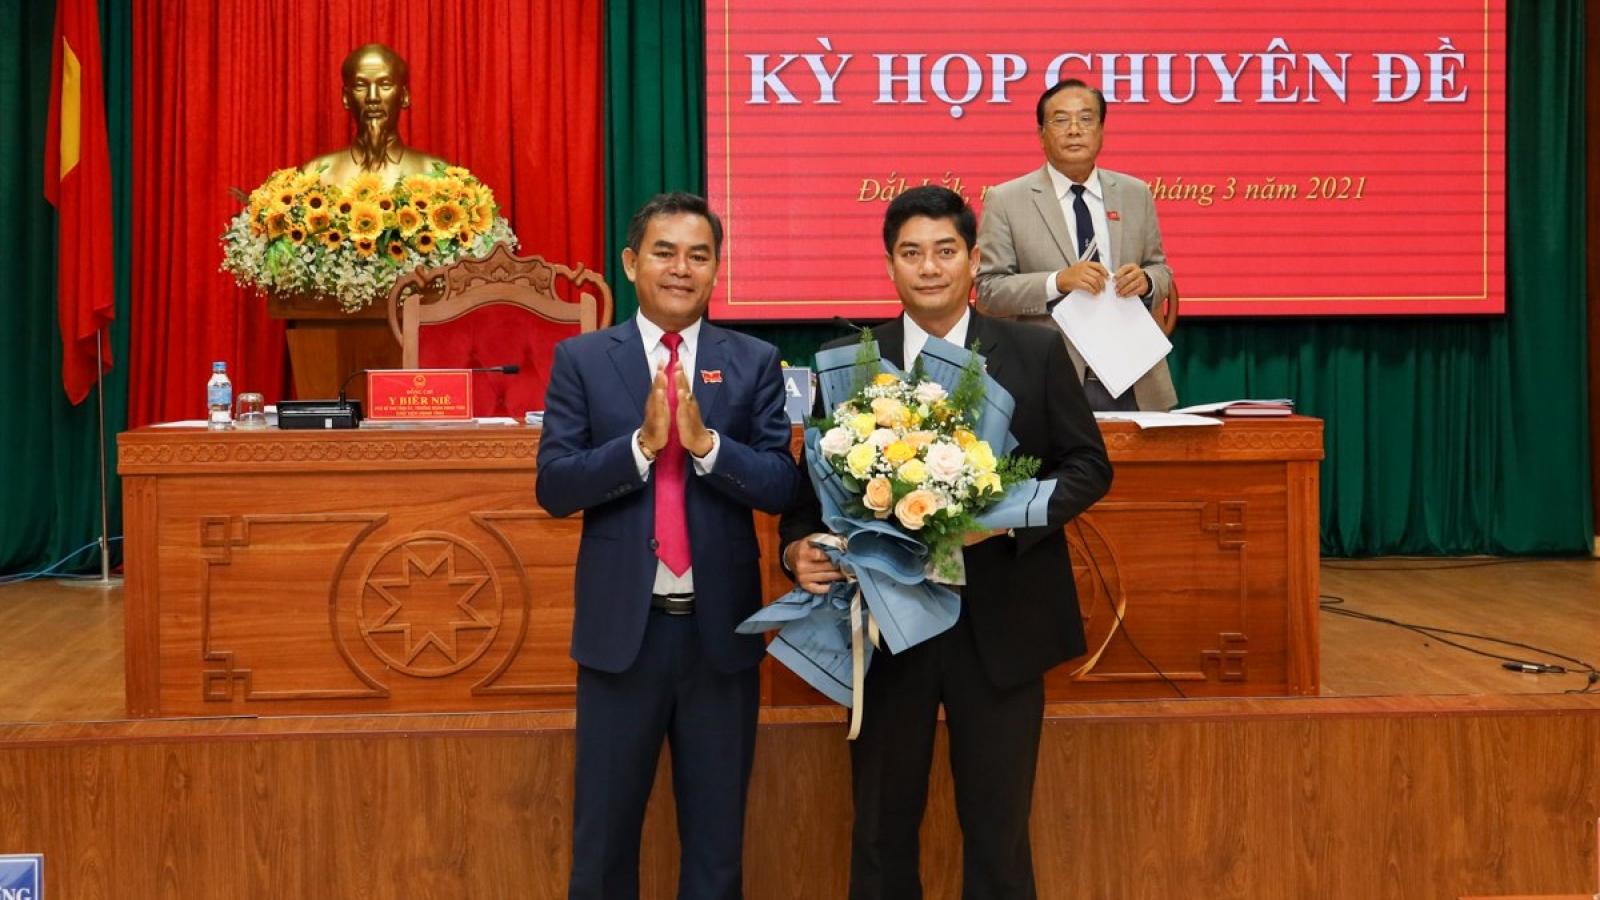 Bí thư Thị ủy Buôn Hồ được bầu làm Phó Chủ tịch HĐND tỉnh Đắk Lắk